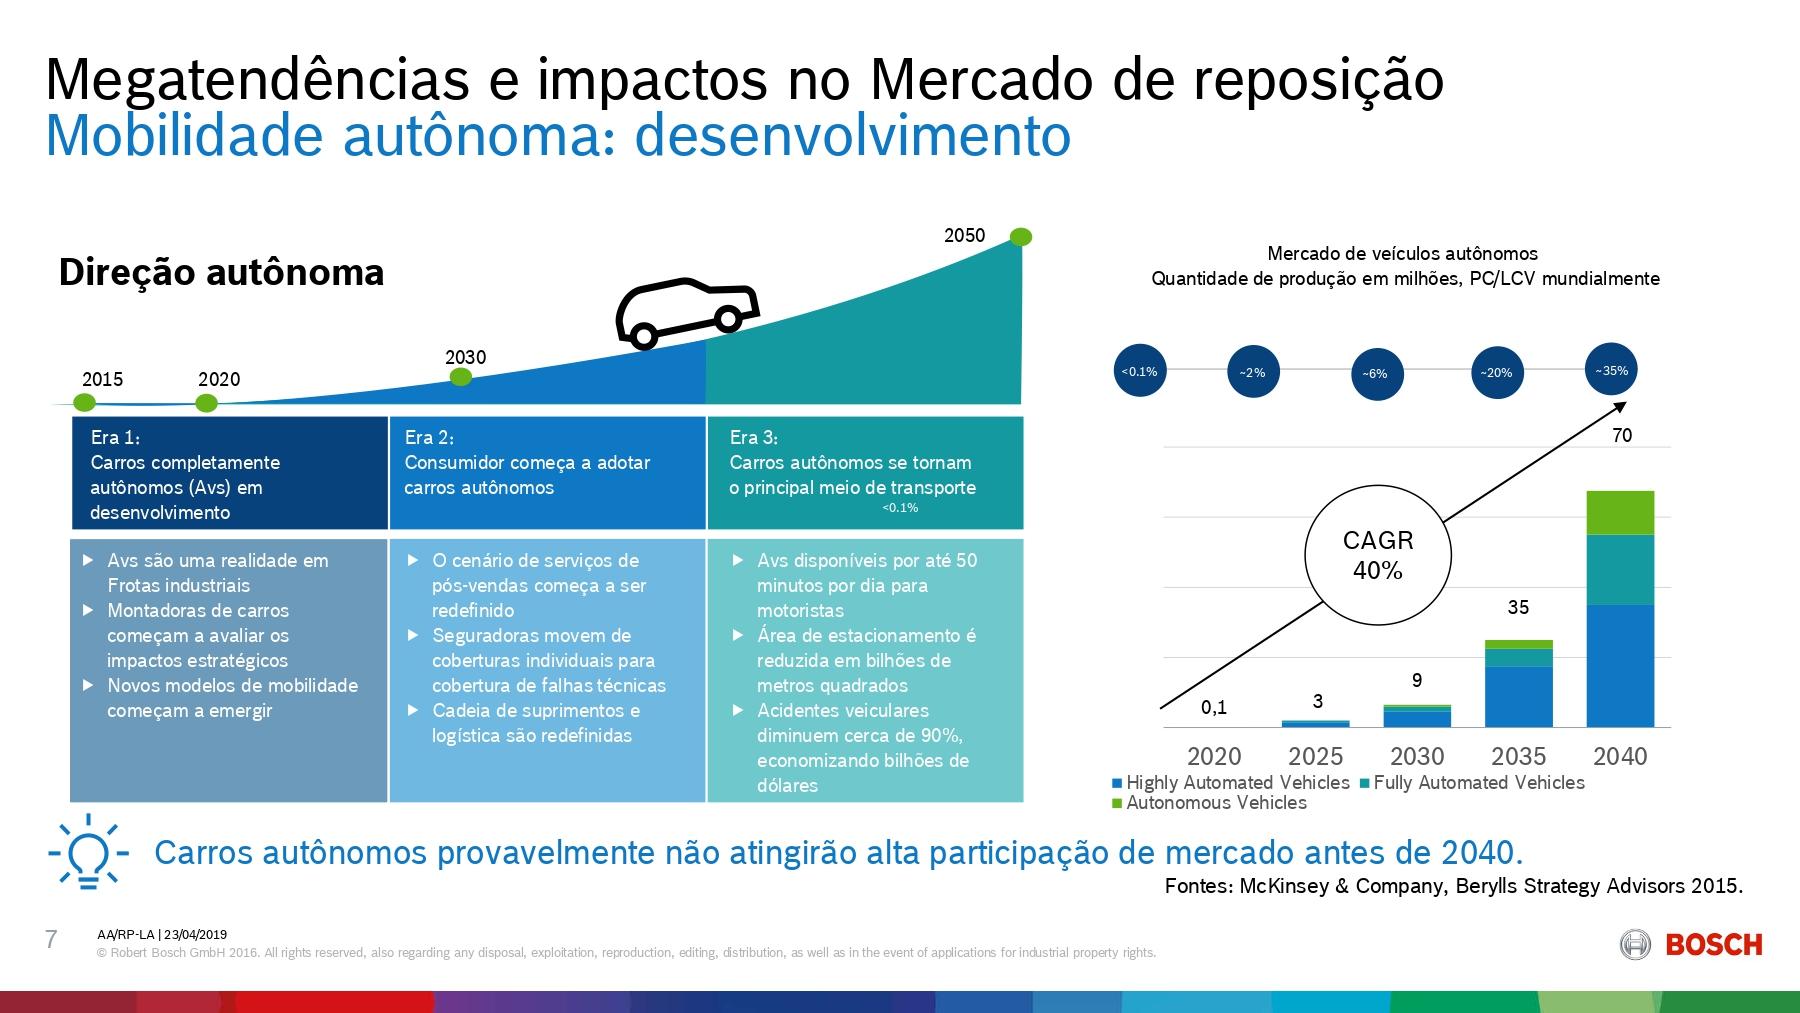 Megatendências e impactos no mercado de reposição